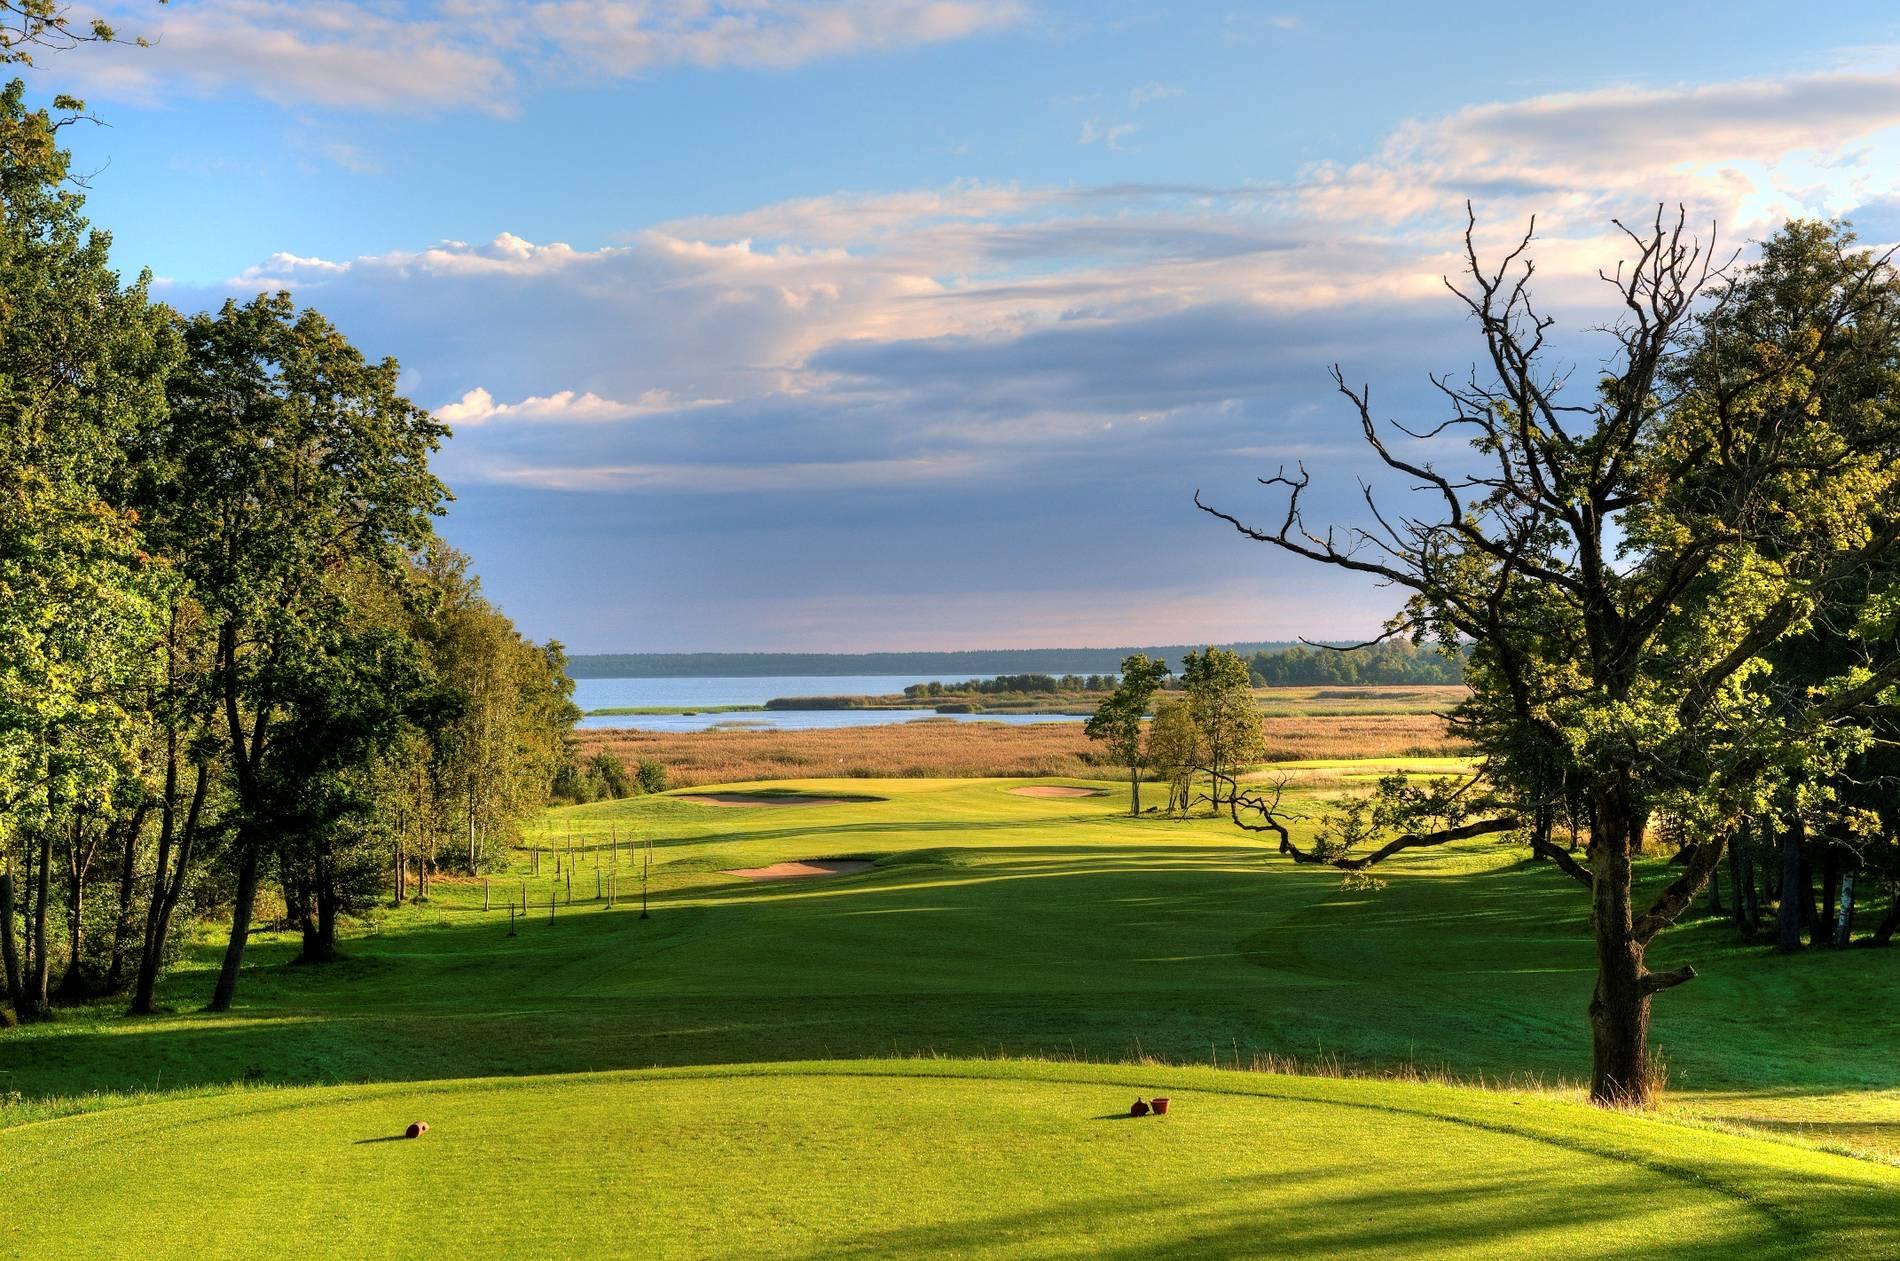 Estonian Golf & Country Club in Estonia